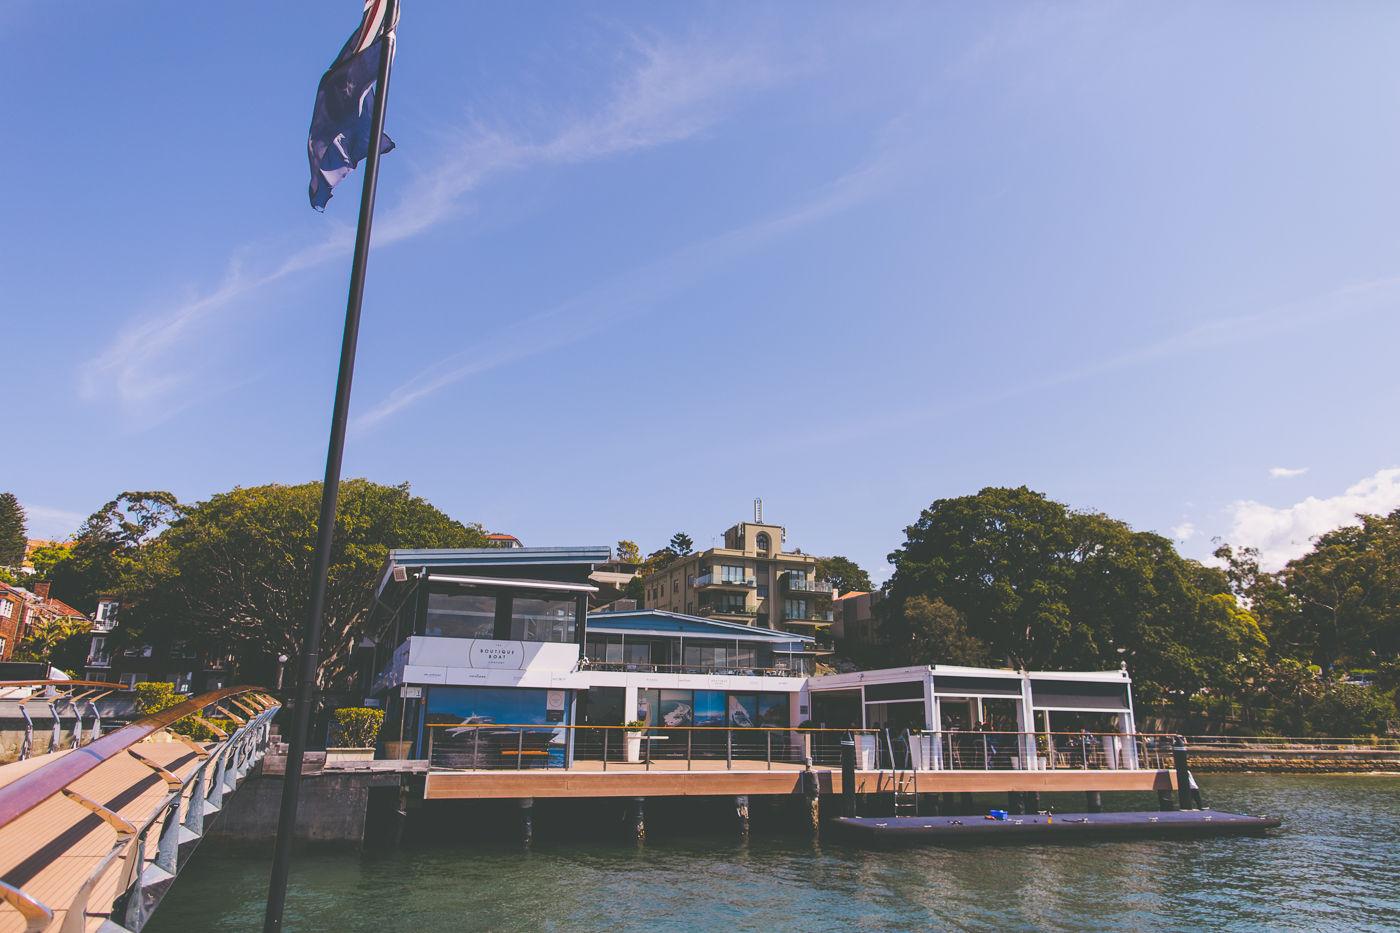 Regatta Rose Bay Wedding Venue